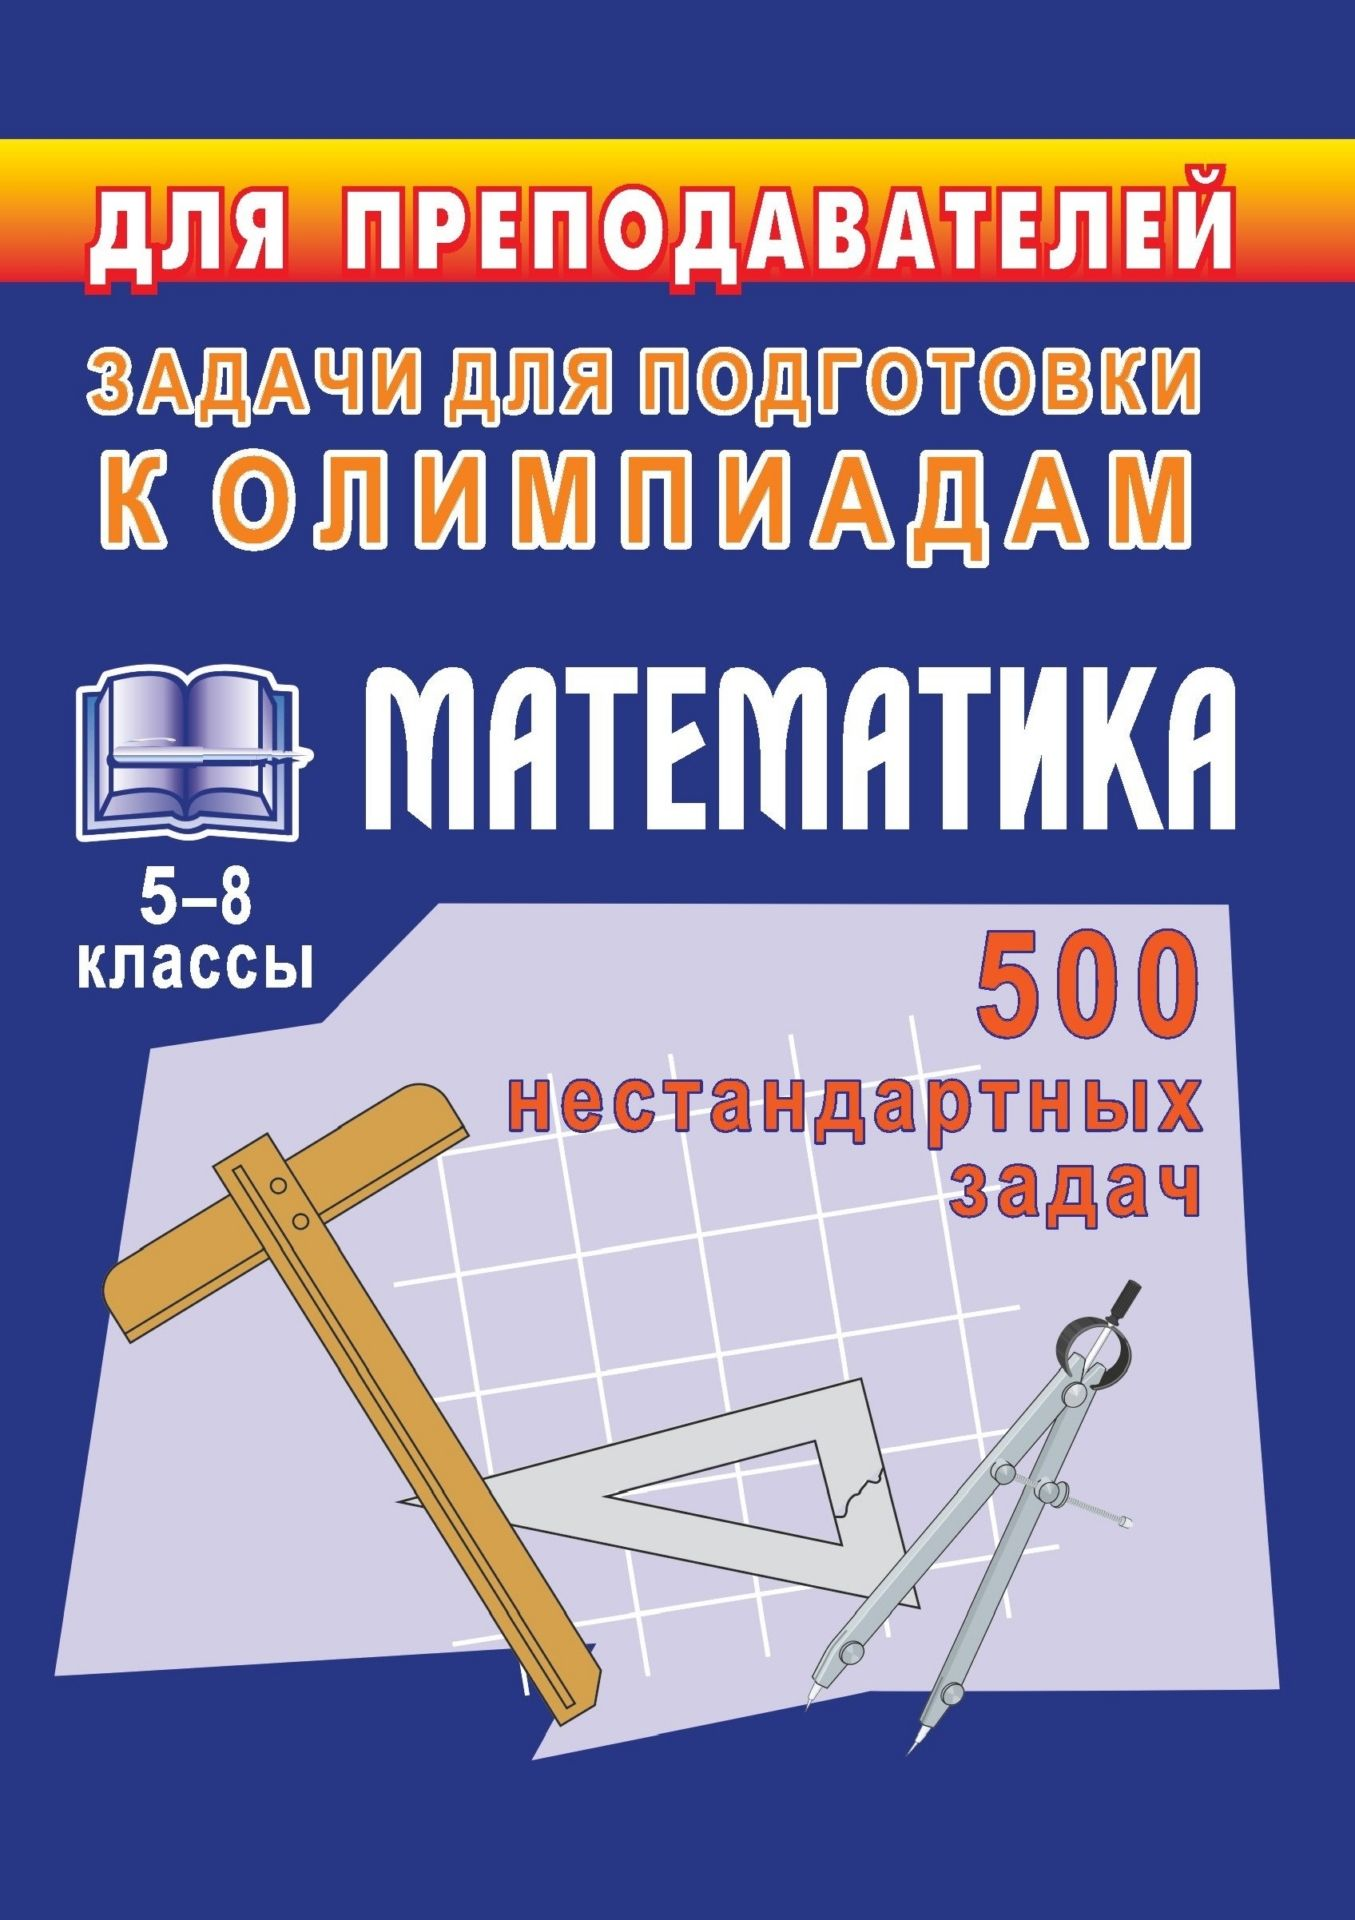 Олимпиадные задачи по математике. 5-8 кл.  500 нестандартных задачПредметы<br>В сборнике представлены нестандартные задачи для проведения математических конкурсов и олимпиад, способствующие развитию математического мышления, логики, творчества, формированию позитивной личностной сущности ученика, повышению математической и общей ку...<br><br>Авторы: Заболотнева Н. В.<br>Год: 2007<br>Серия: В помощь преподавателю<br>ISBN: 978-5-7057-0731-7<br>Высота: 195<br>Ширина: 140<br>Толщина: 4